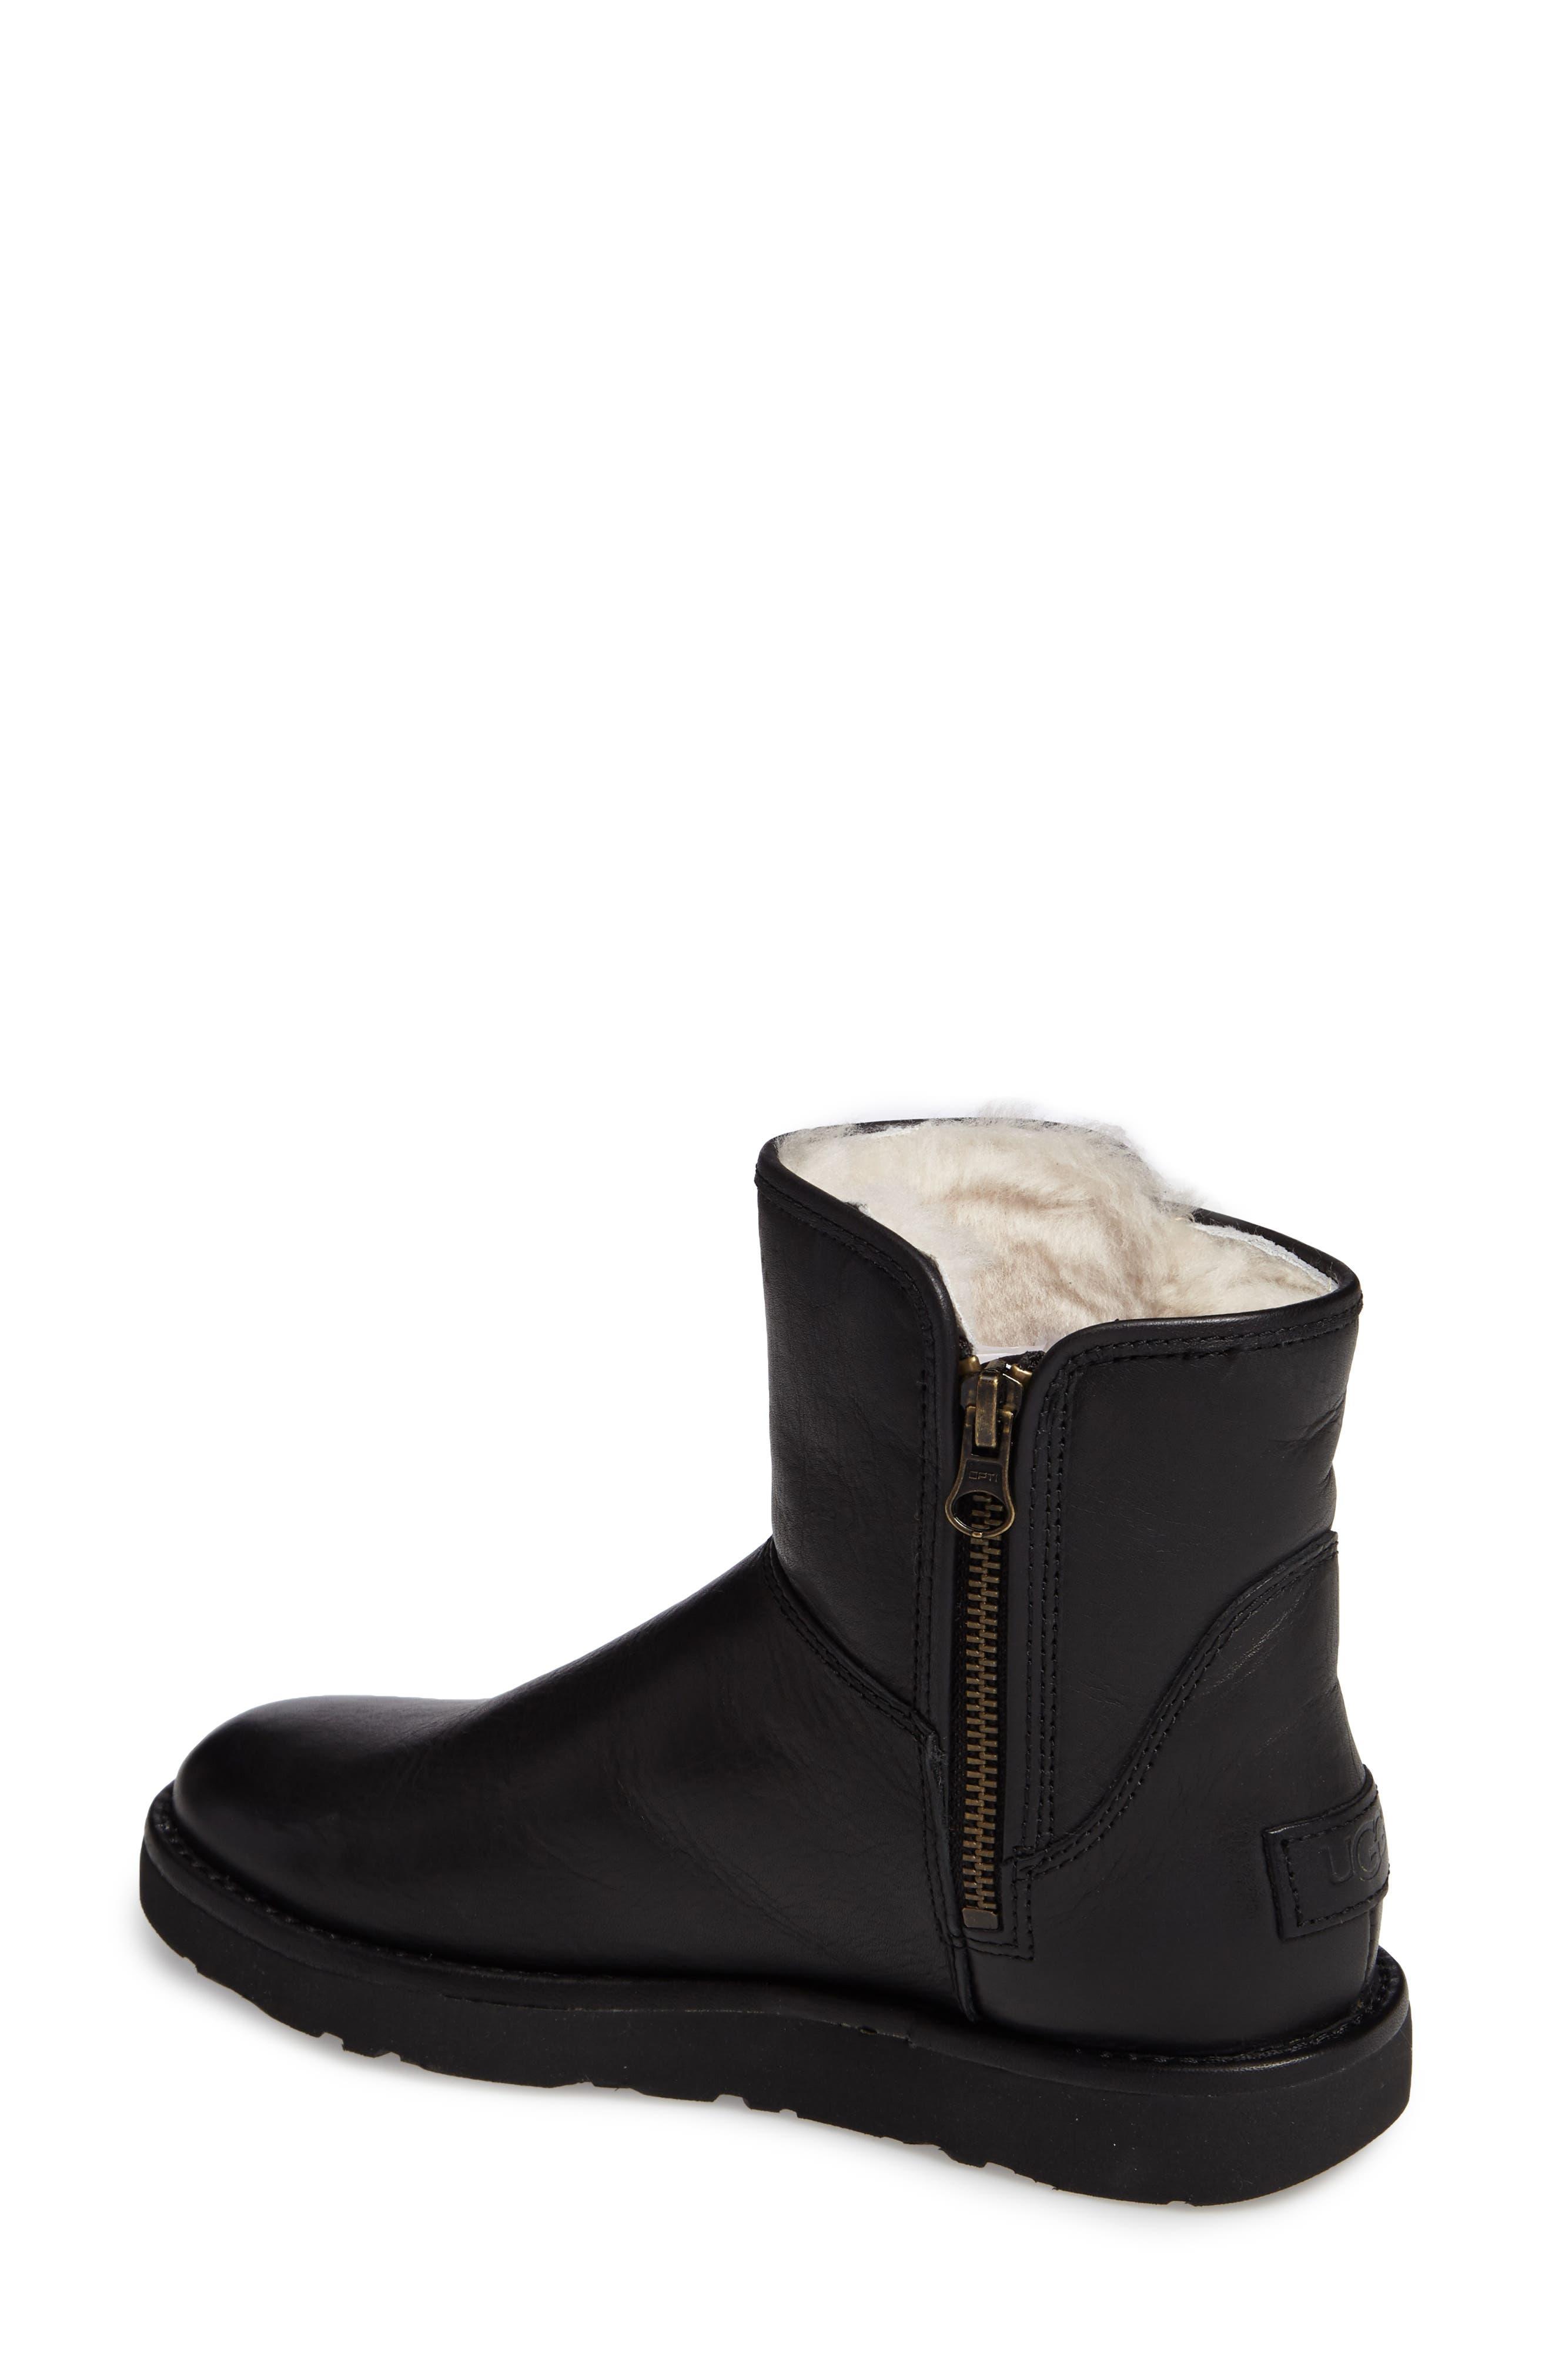 Abree Mini Boot,                             Alternate thumbnail 2, color,                             Black Leather